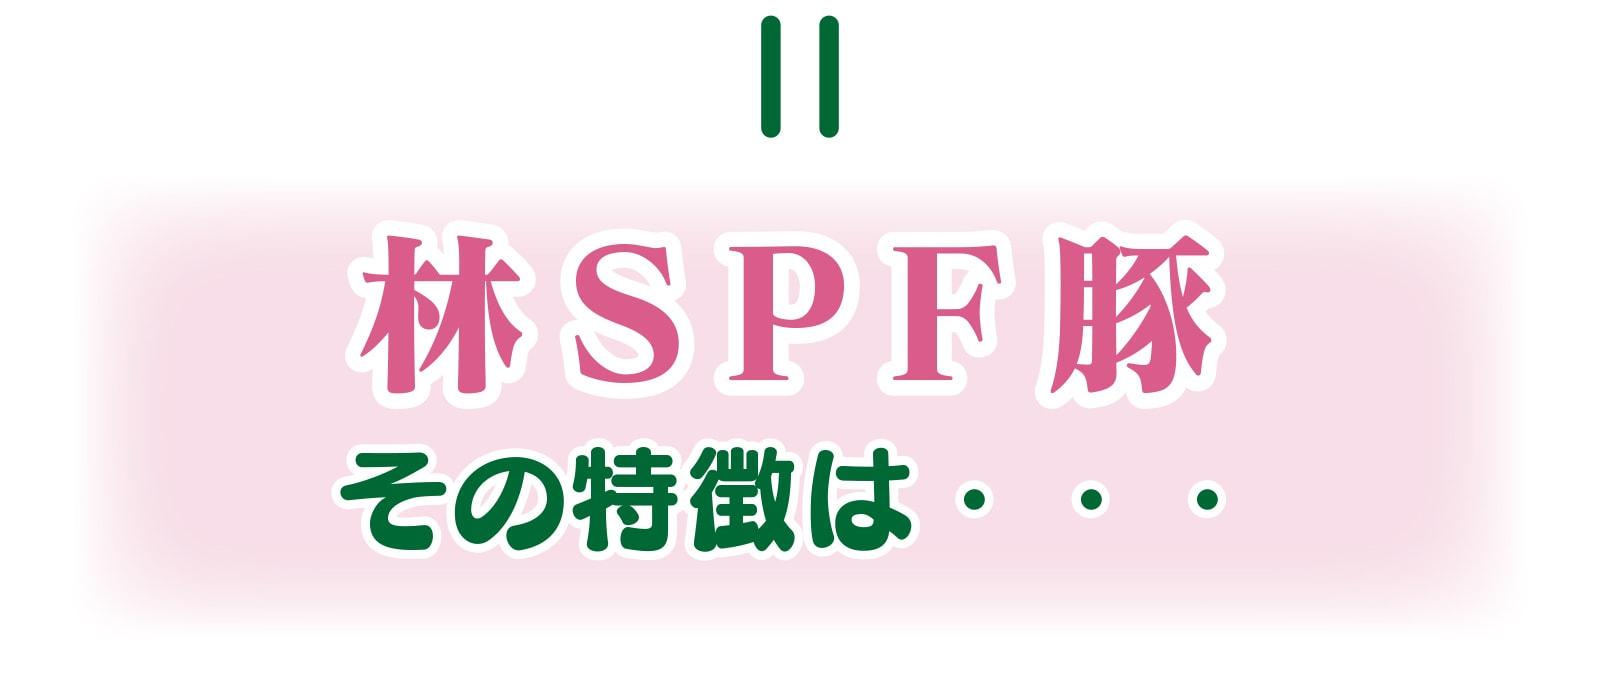 林SPF豚その特徴は...